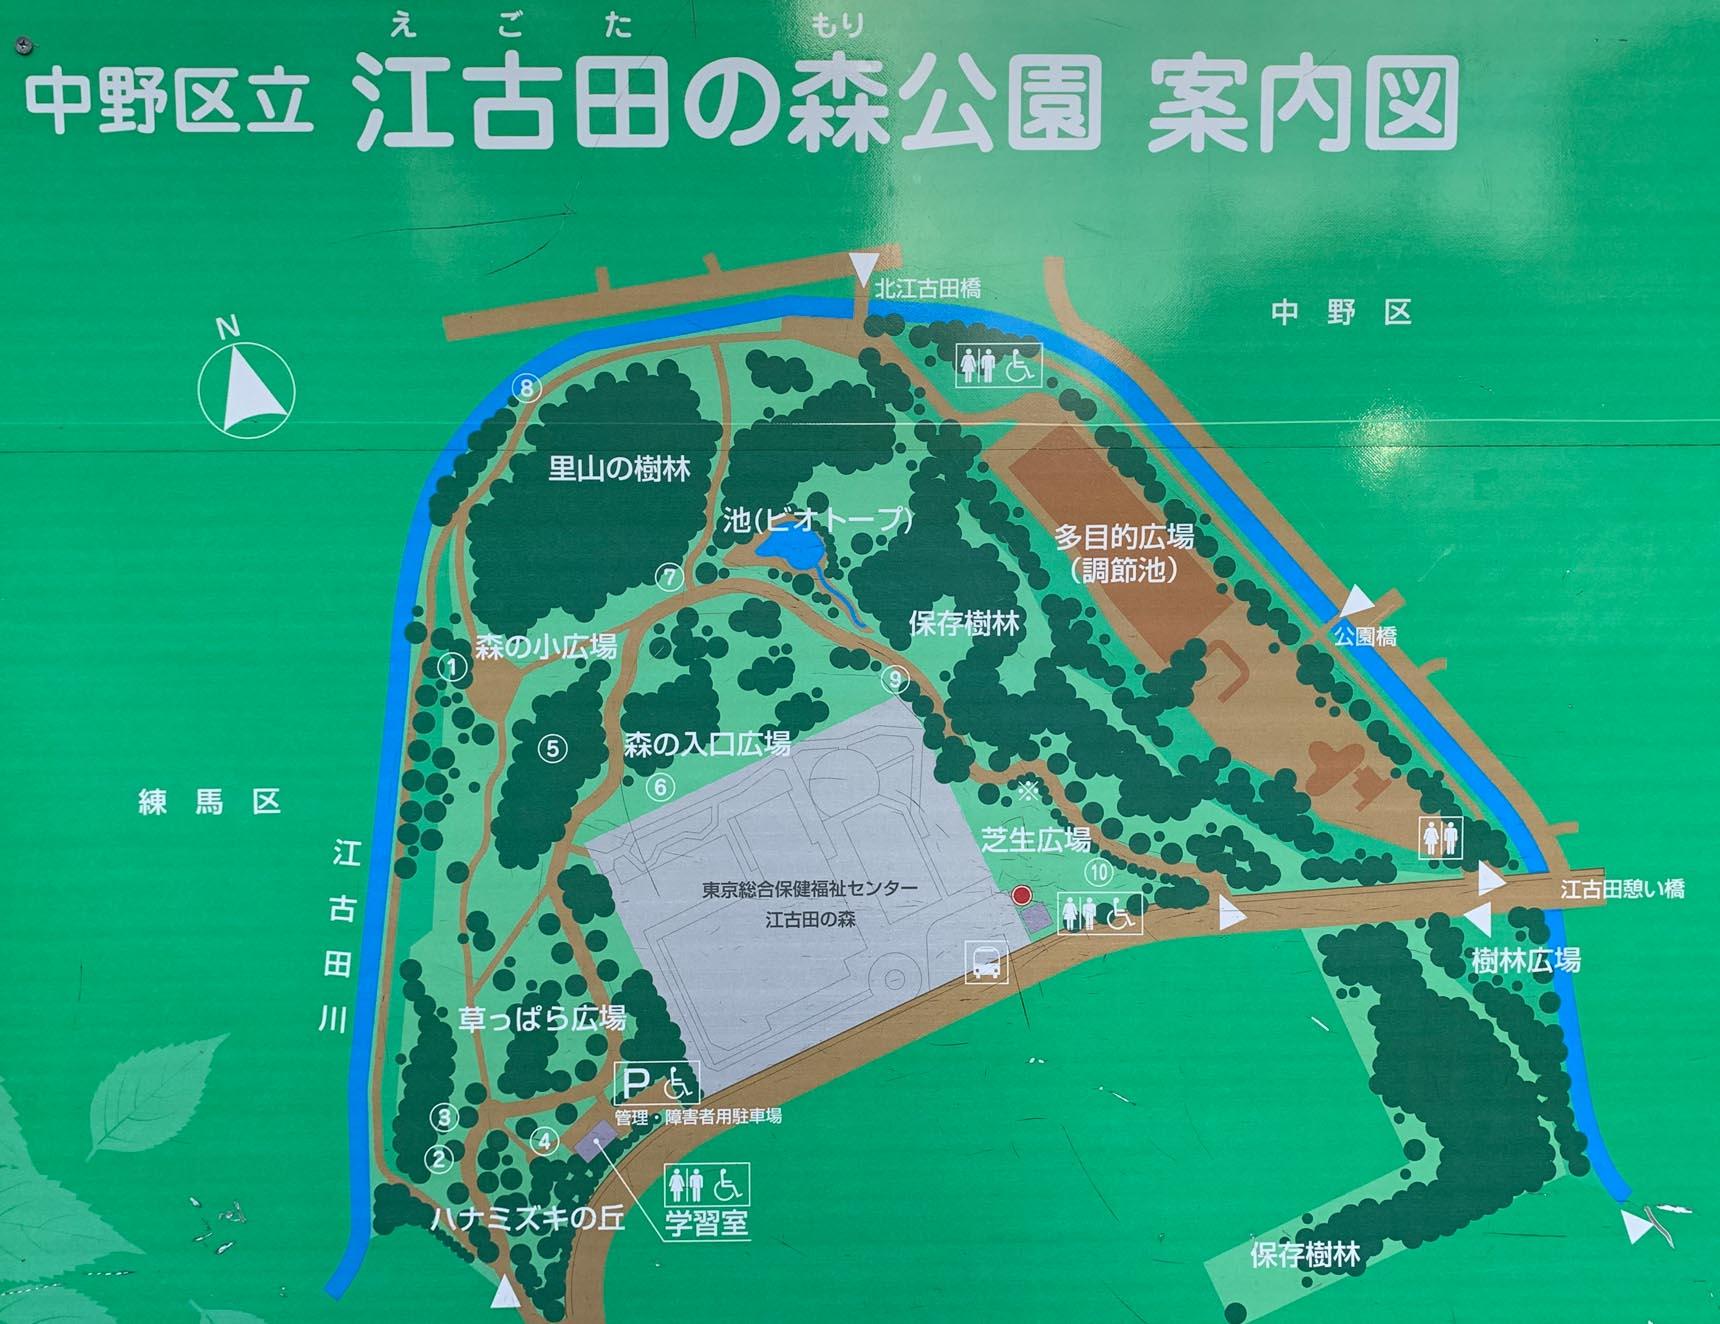 新宿までは大江戸線でわずか15分の新江古田。こんなところに、こんなに大きな樹林が残っていたなんて、知りませんでした。